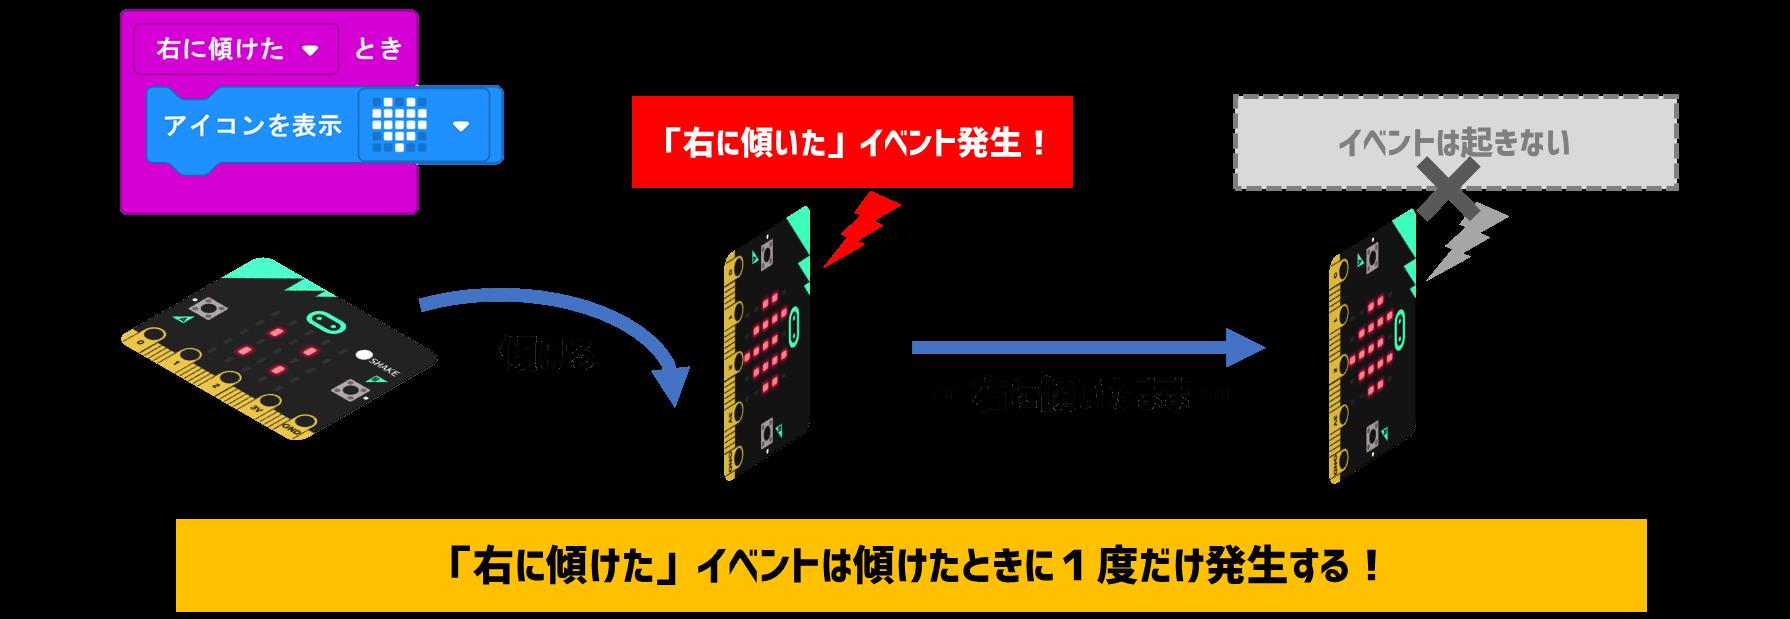 加速度イベントブロックの動き